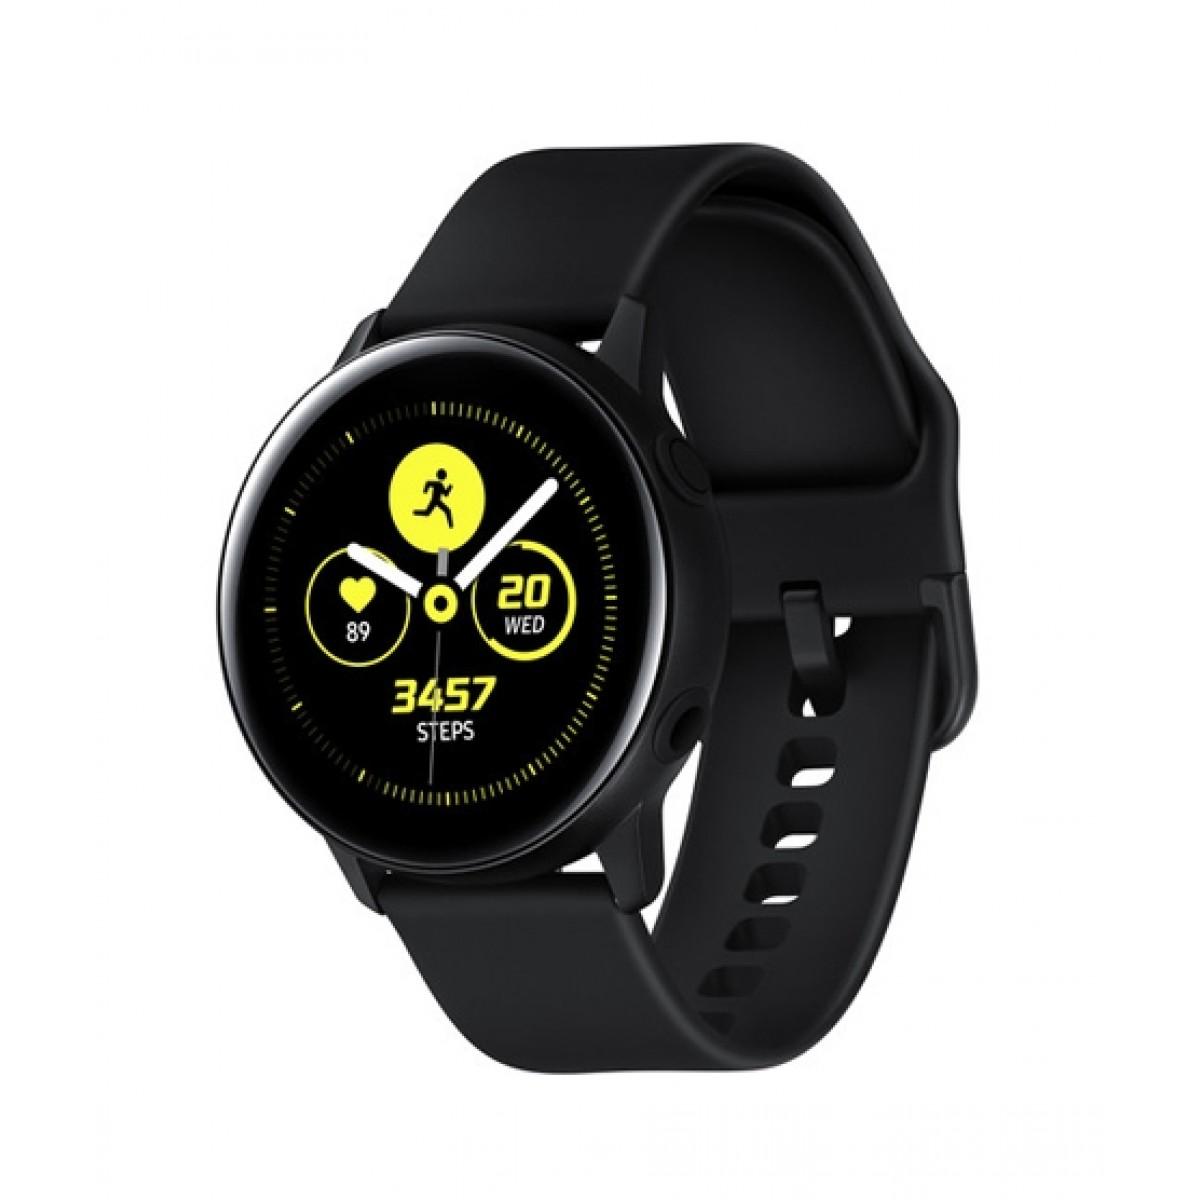 Samsung Galaxy Active Smartwatch Black